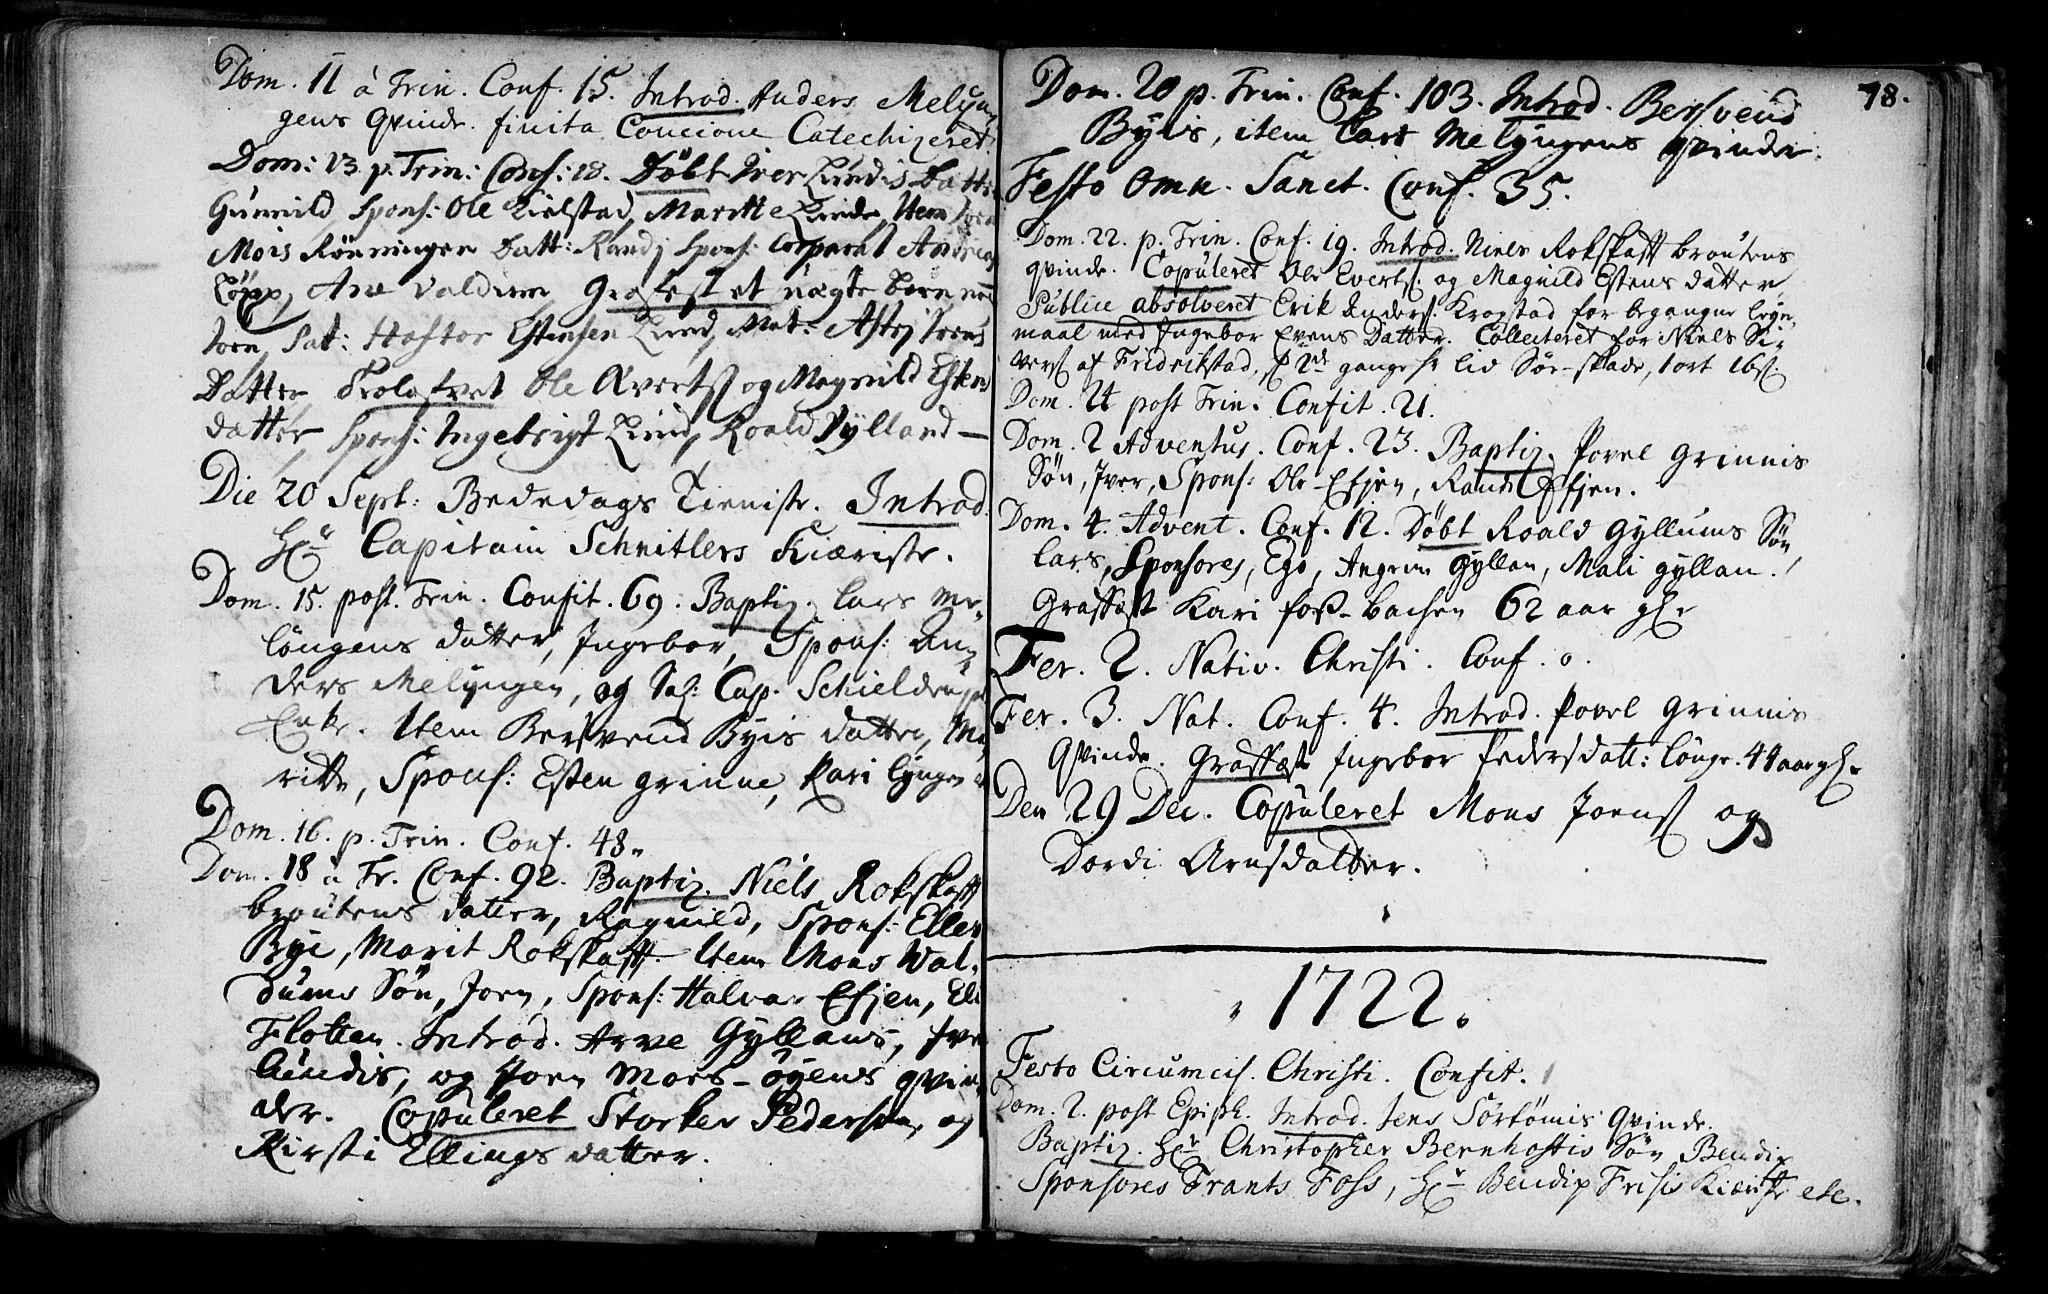 SAT, Ministerialprotokoller, klokkerbøker og fødselsregistre - Sør-Trøndelag, 692/L1101: Ministerialbok nr. 692A01, 1690-1746, s. 78